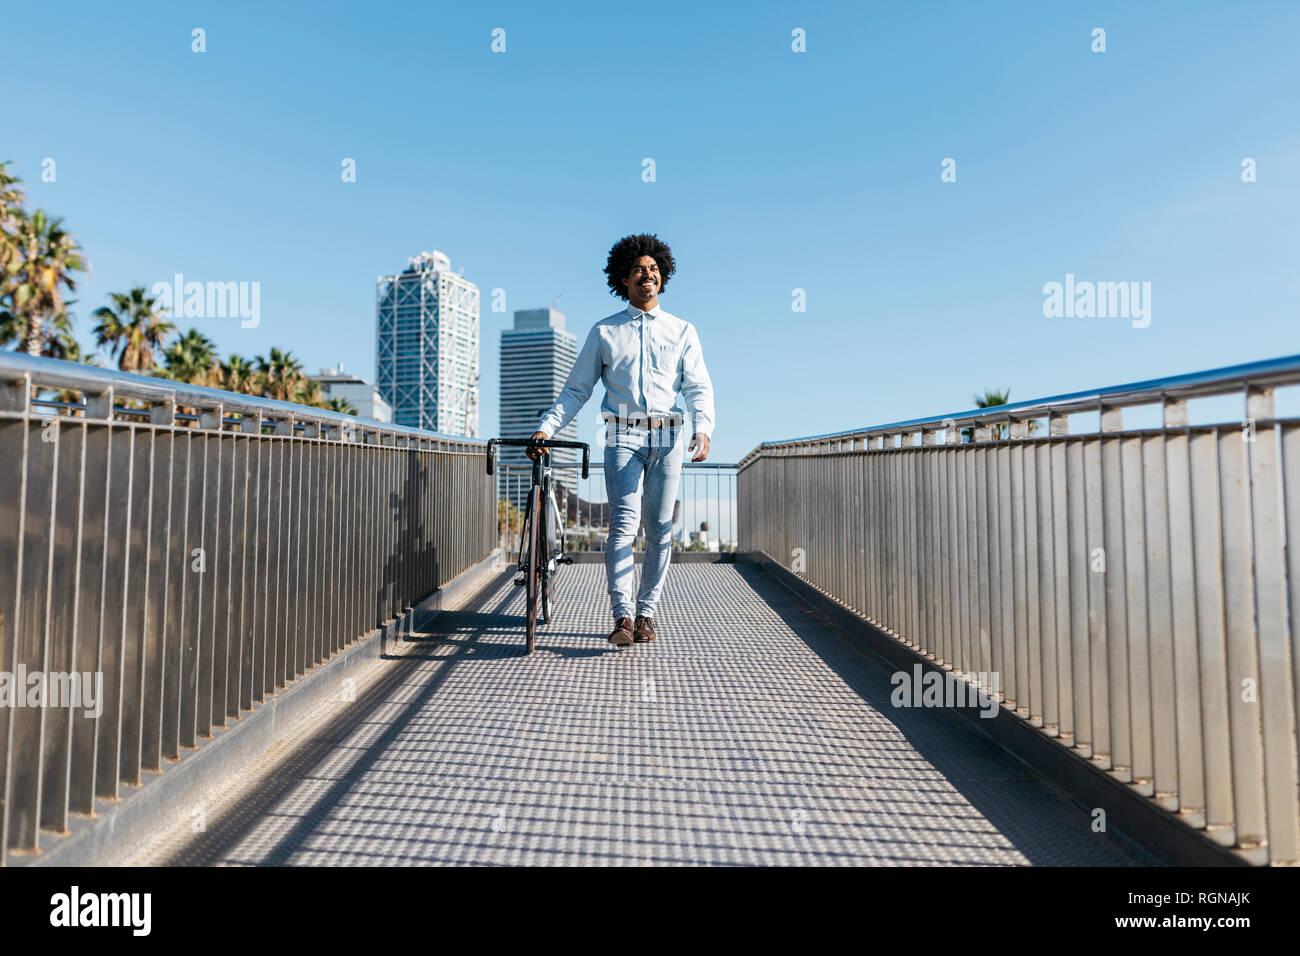 Mid adult man en poussant son vélo sur un pont dans la ville Banque D'Images